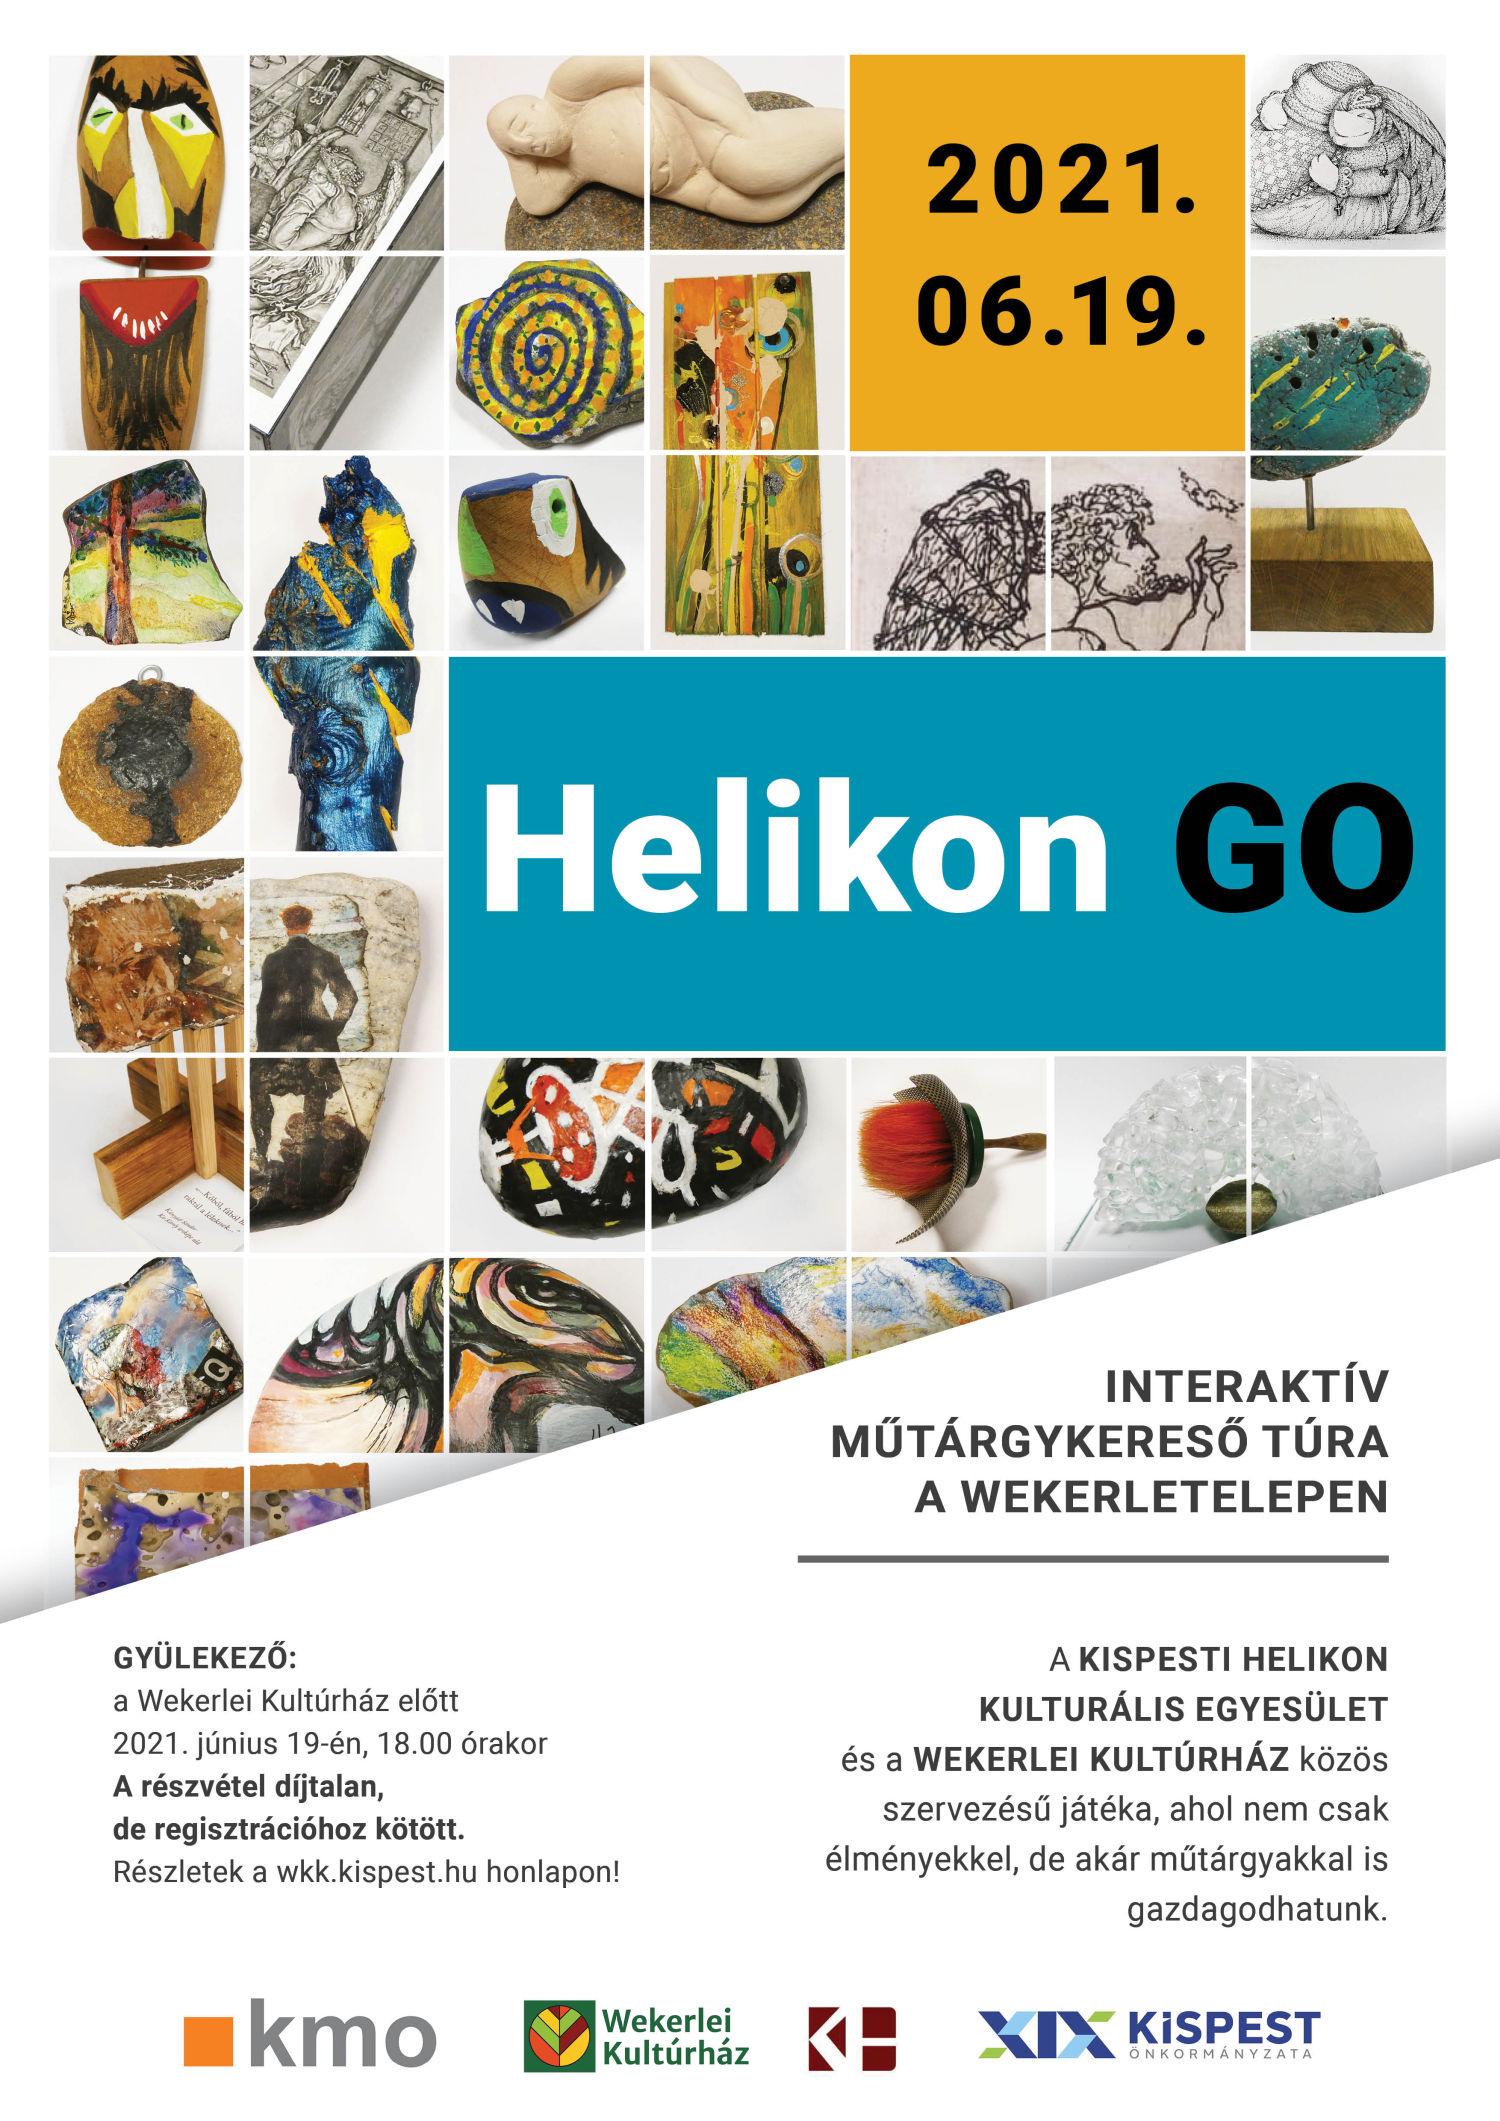 helikon-go02